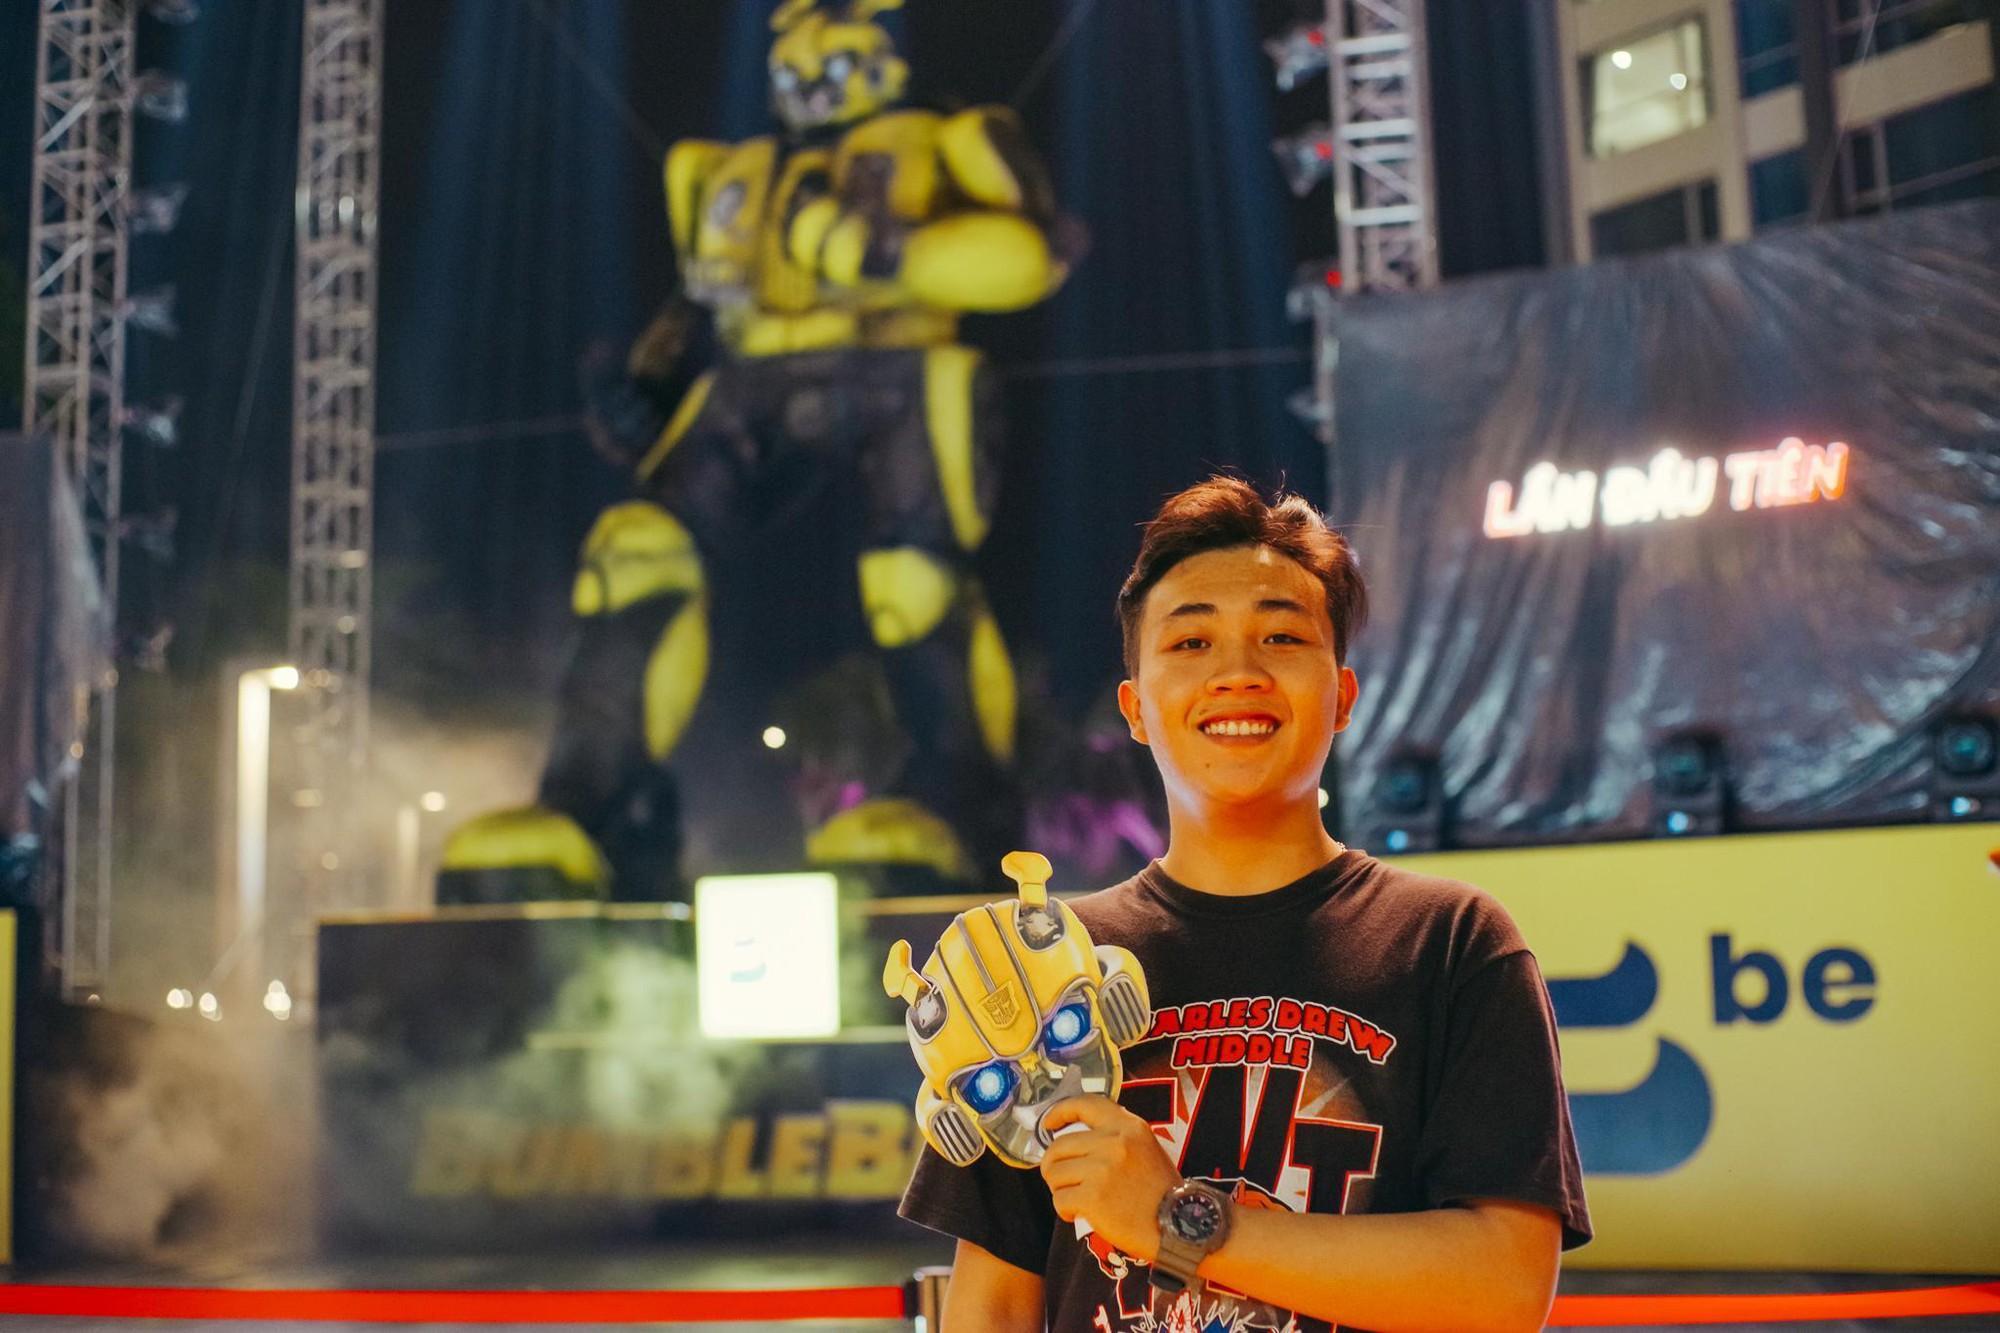 Choáng ngợp với mô hình Bumblebee lớn nhất tại Việt Nam - Ảnh 6.